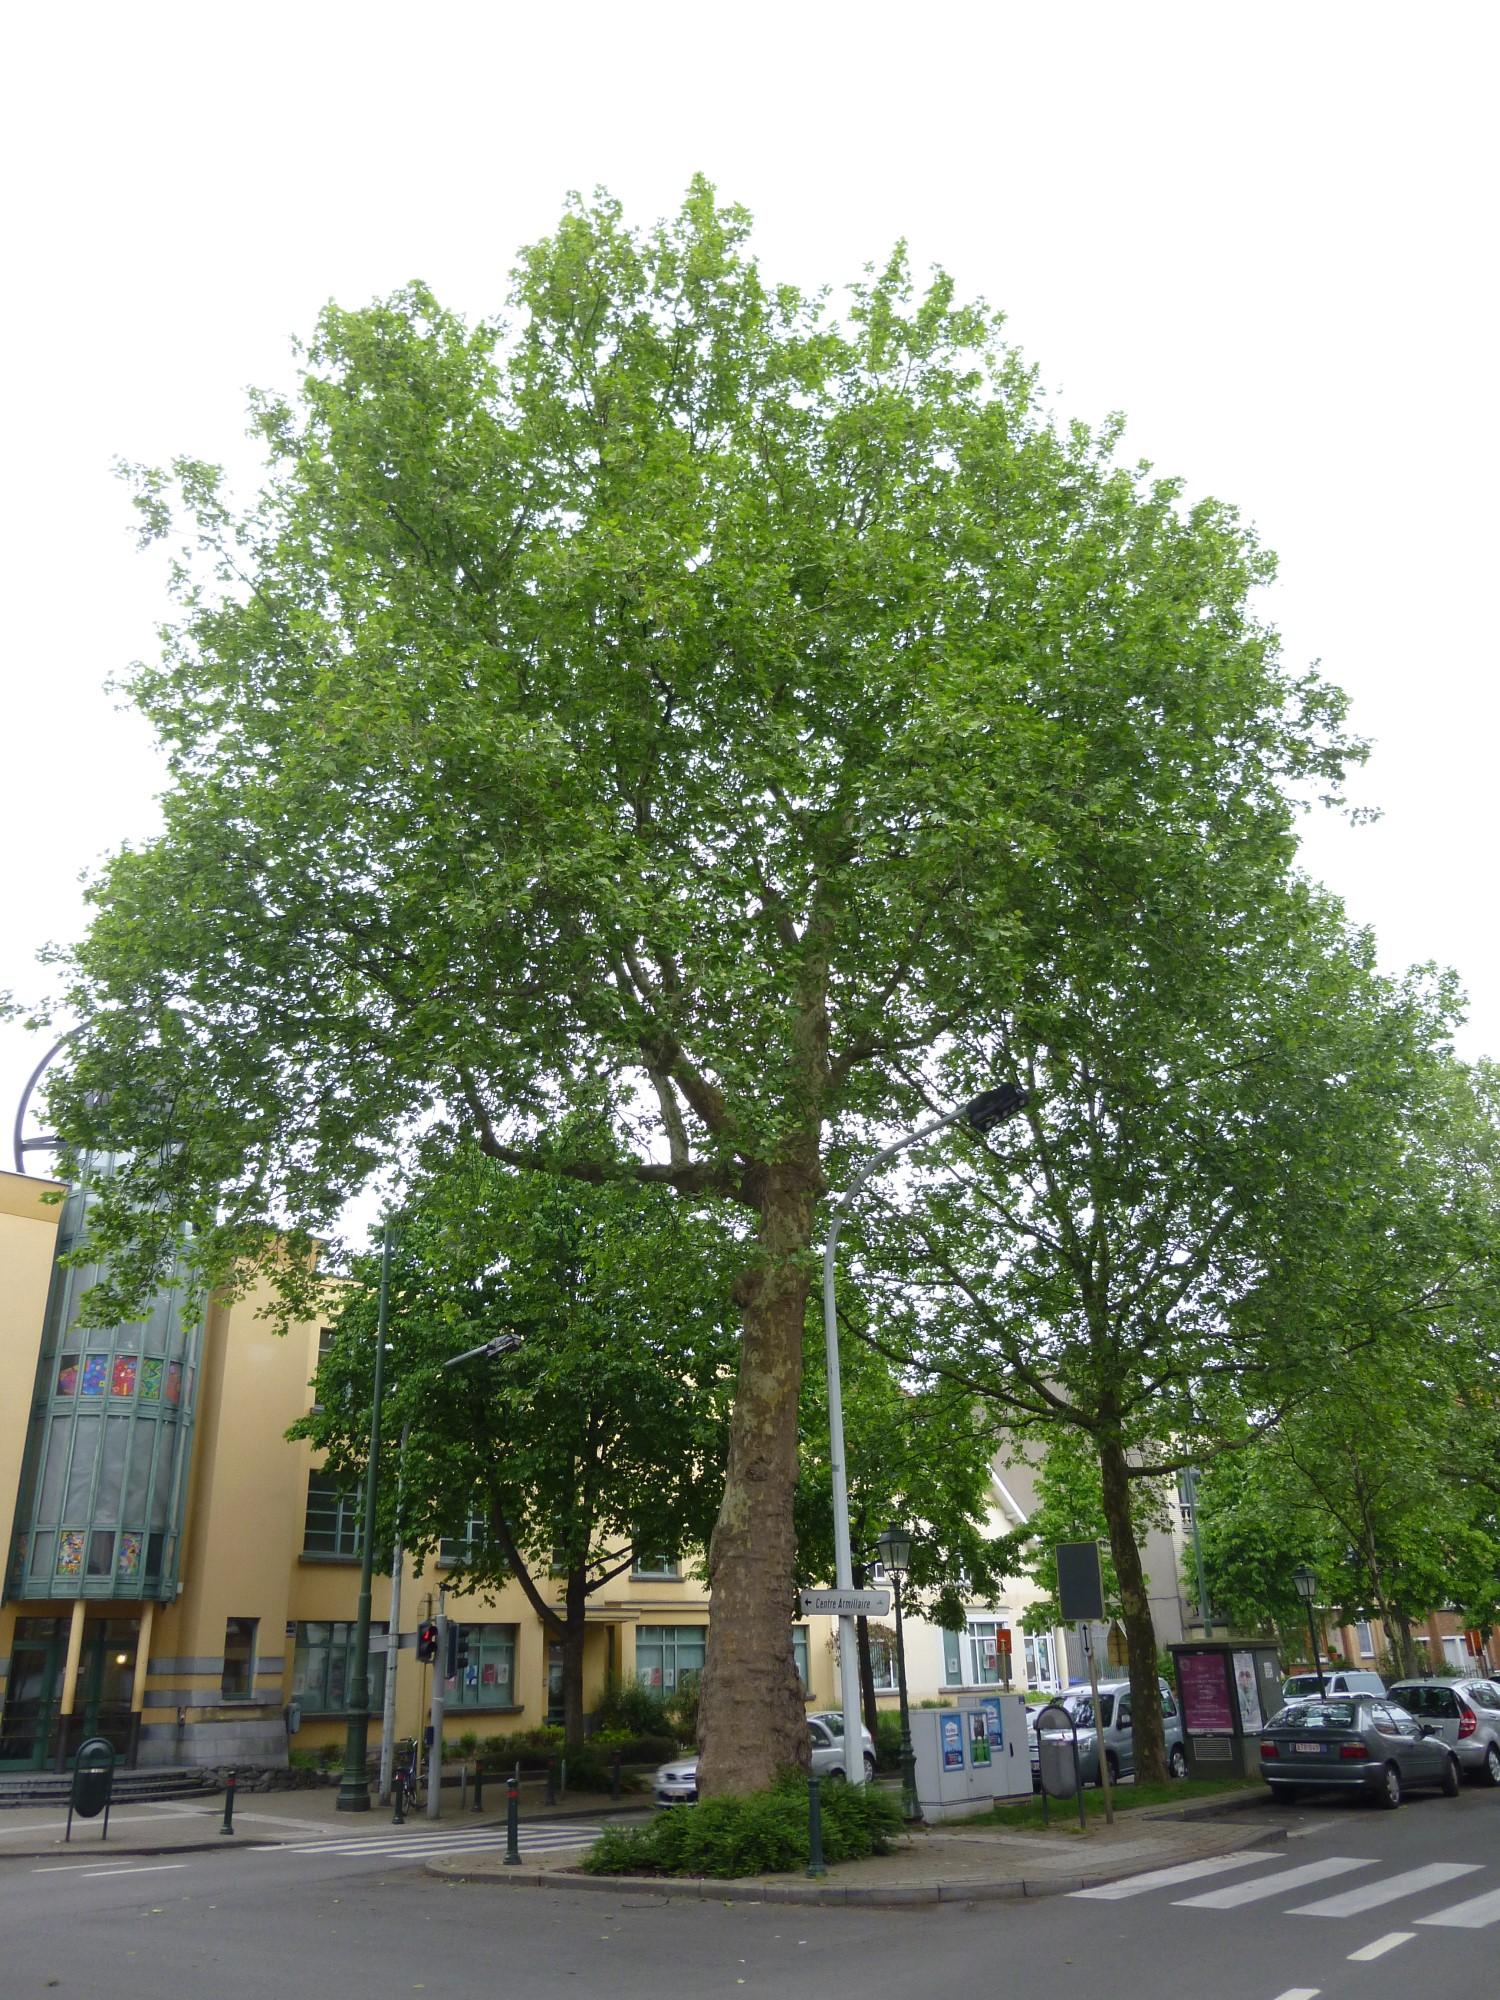 Platane à feuille d'érable – Jette, Boulevard de Smet de Naeyer –  05 Mai 2014